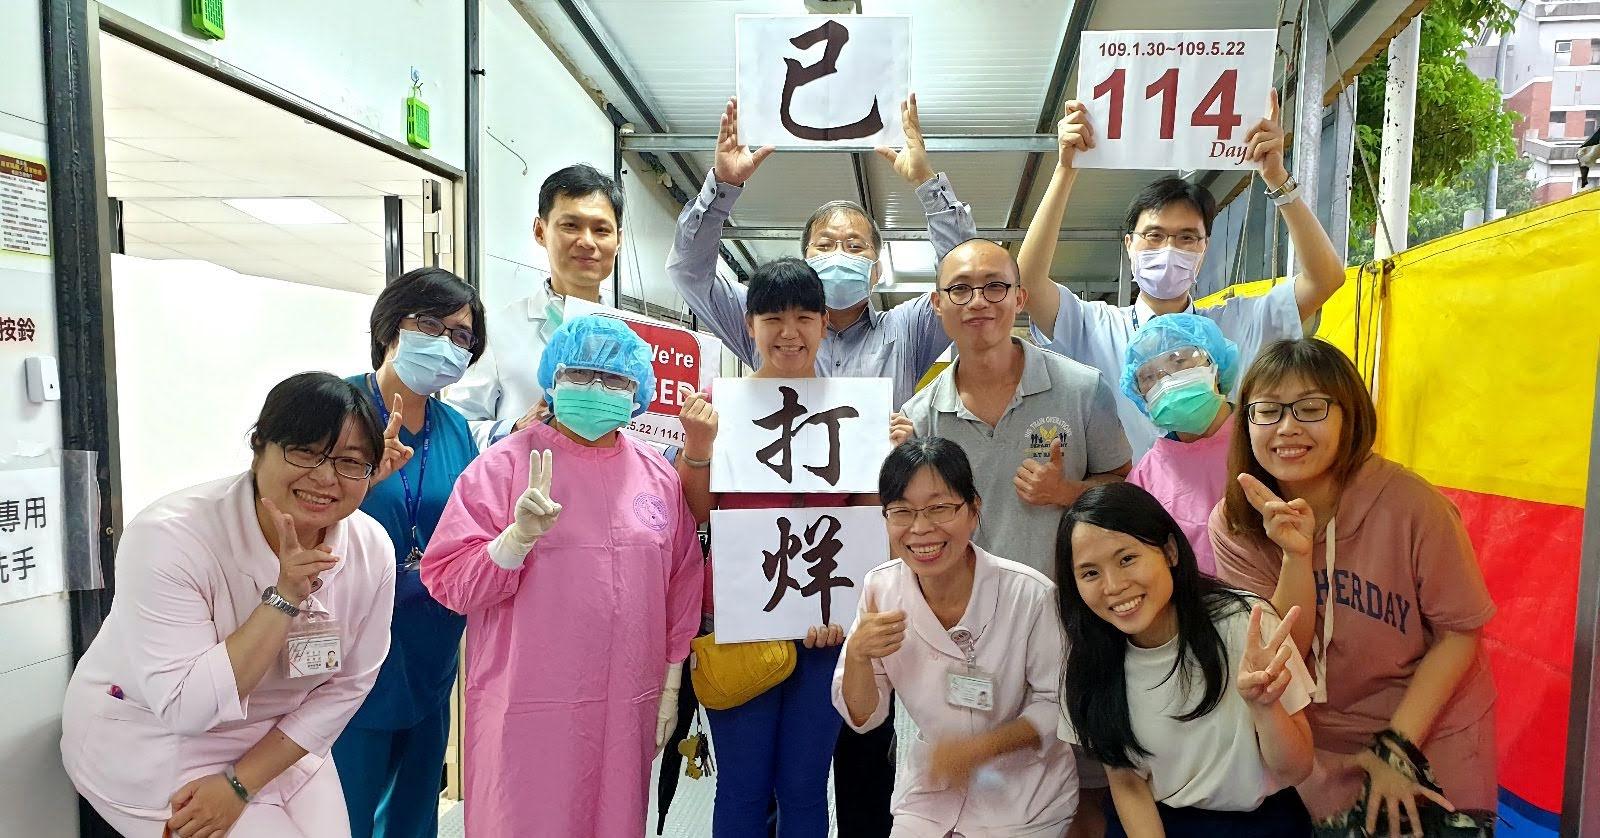 最快樂的「停業」!成大新冠肺炎檢疫站「打烊」了